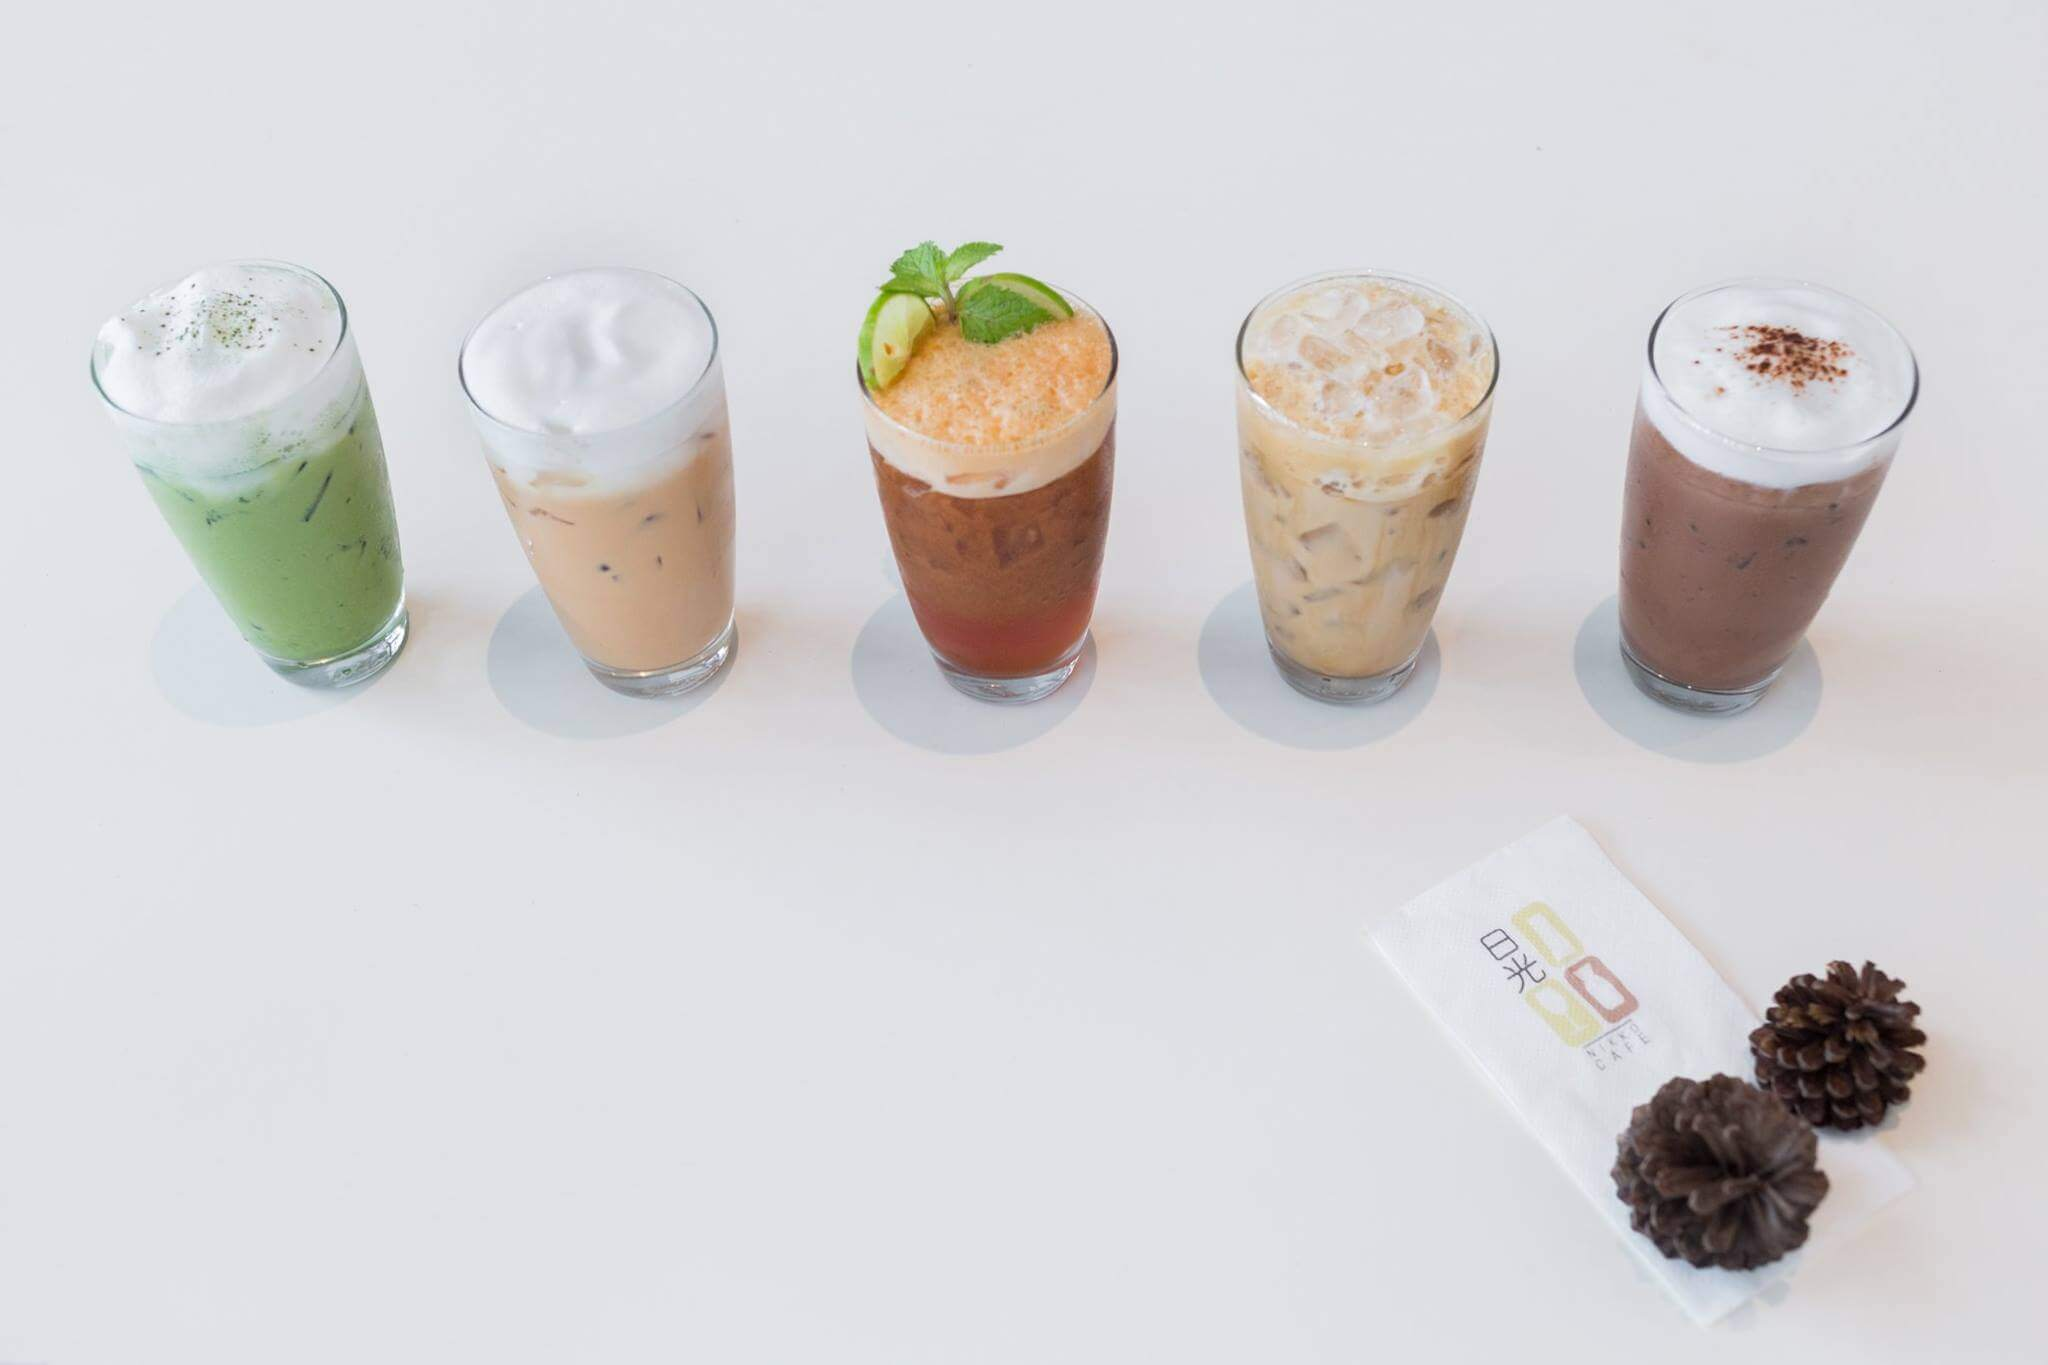 10 ร้านกาแฟ ทองหล่อ - เอกมัย เครื่องดื่มเด็ด บรรยากาศดี 54 - Ananda Development (อนันดา ดีเวลลอปเม้นท์)